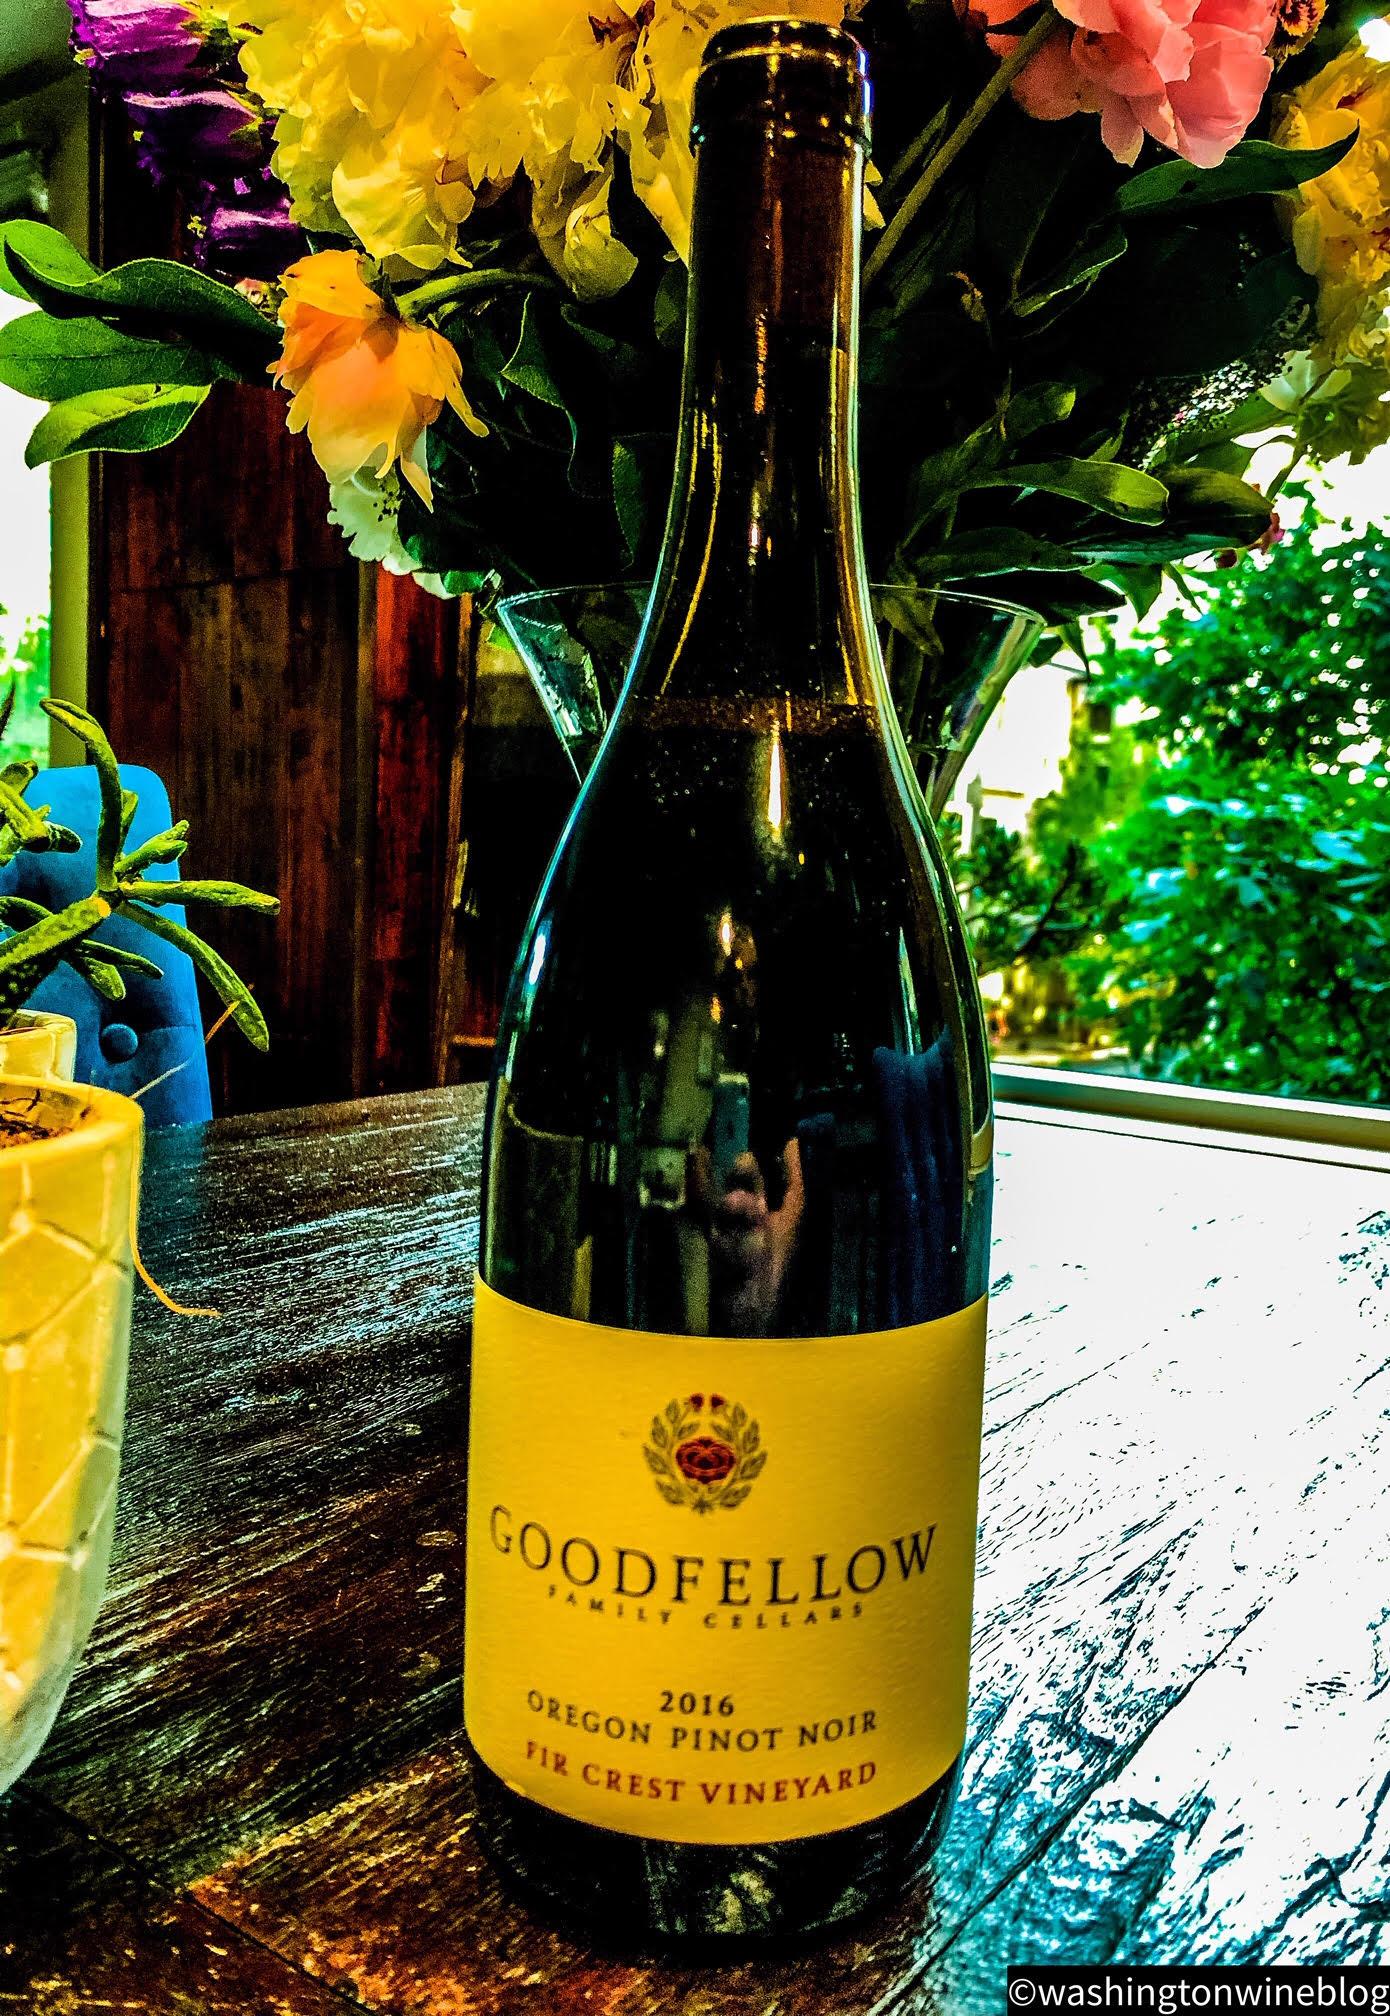 Goodfellow 2016 FIr Crest Pinot Noir.jpg